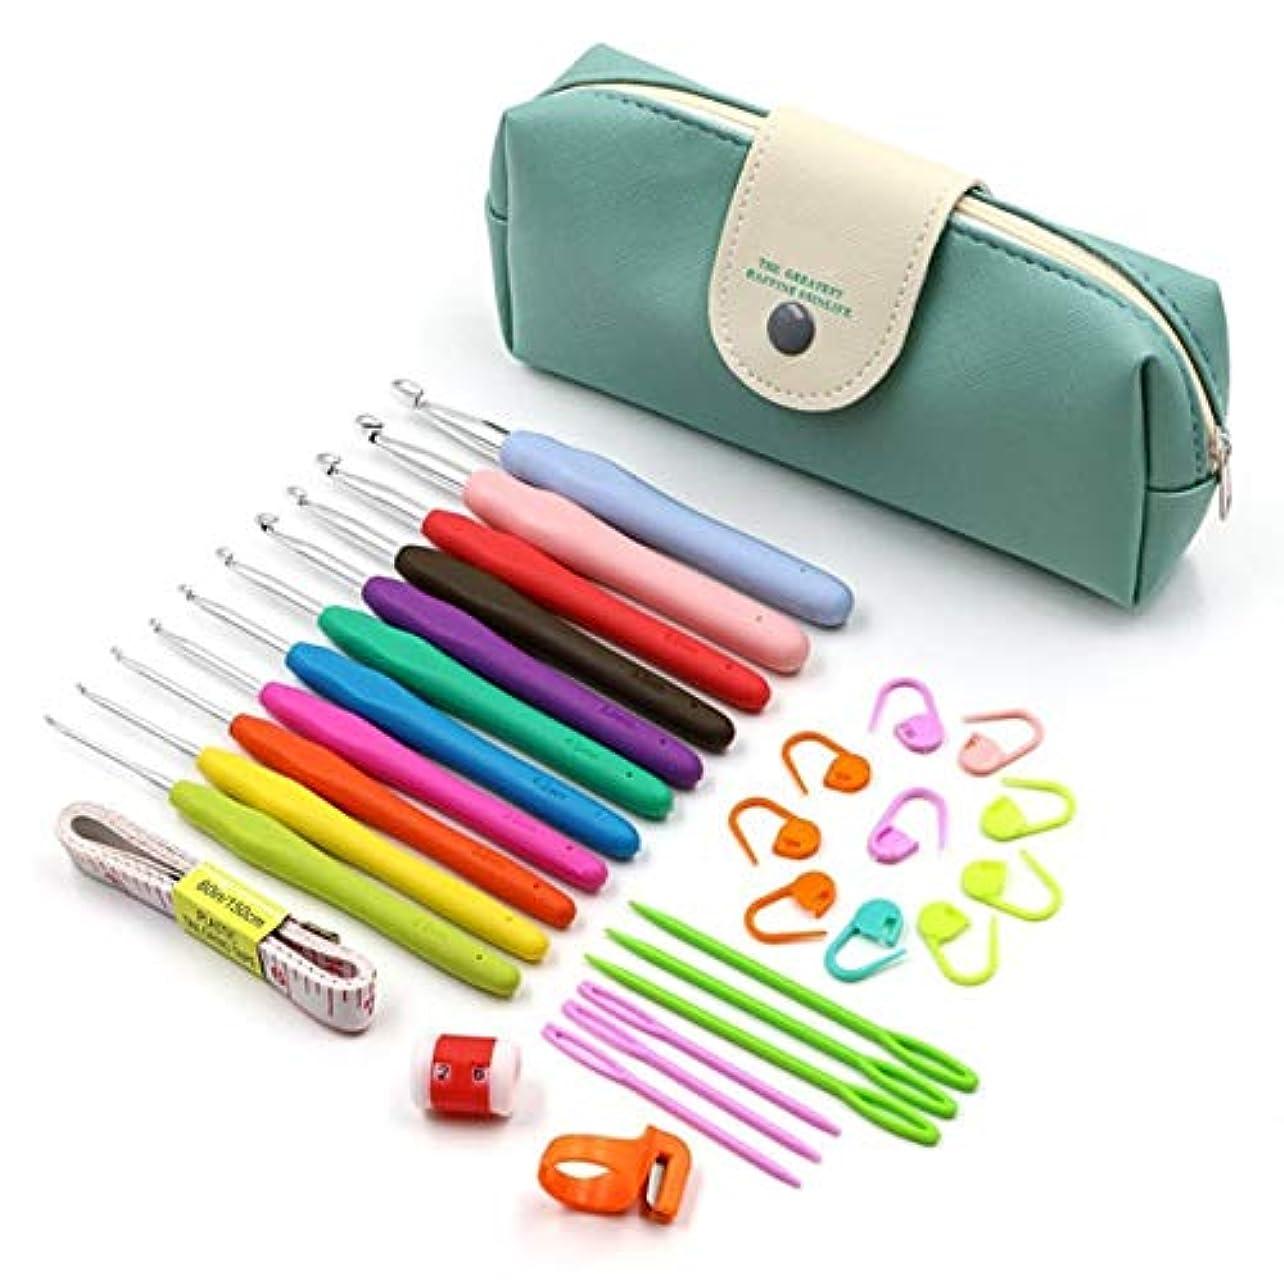 落胆させる流行しているマインドフルSaikogoods ソフトハンドル 収納袋付きアルミかぎ針編みのフックキット 糸編み物針 裁縫ツール 人間工学に基づいたグリップセット 多色